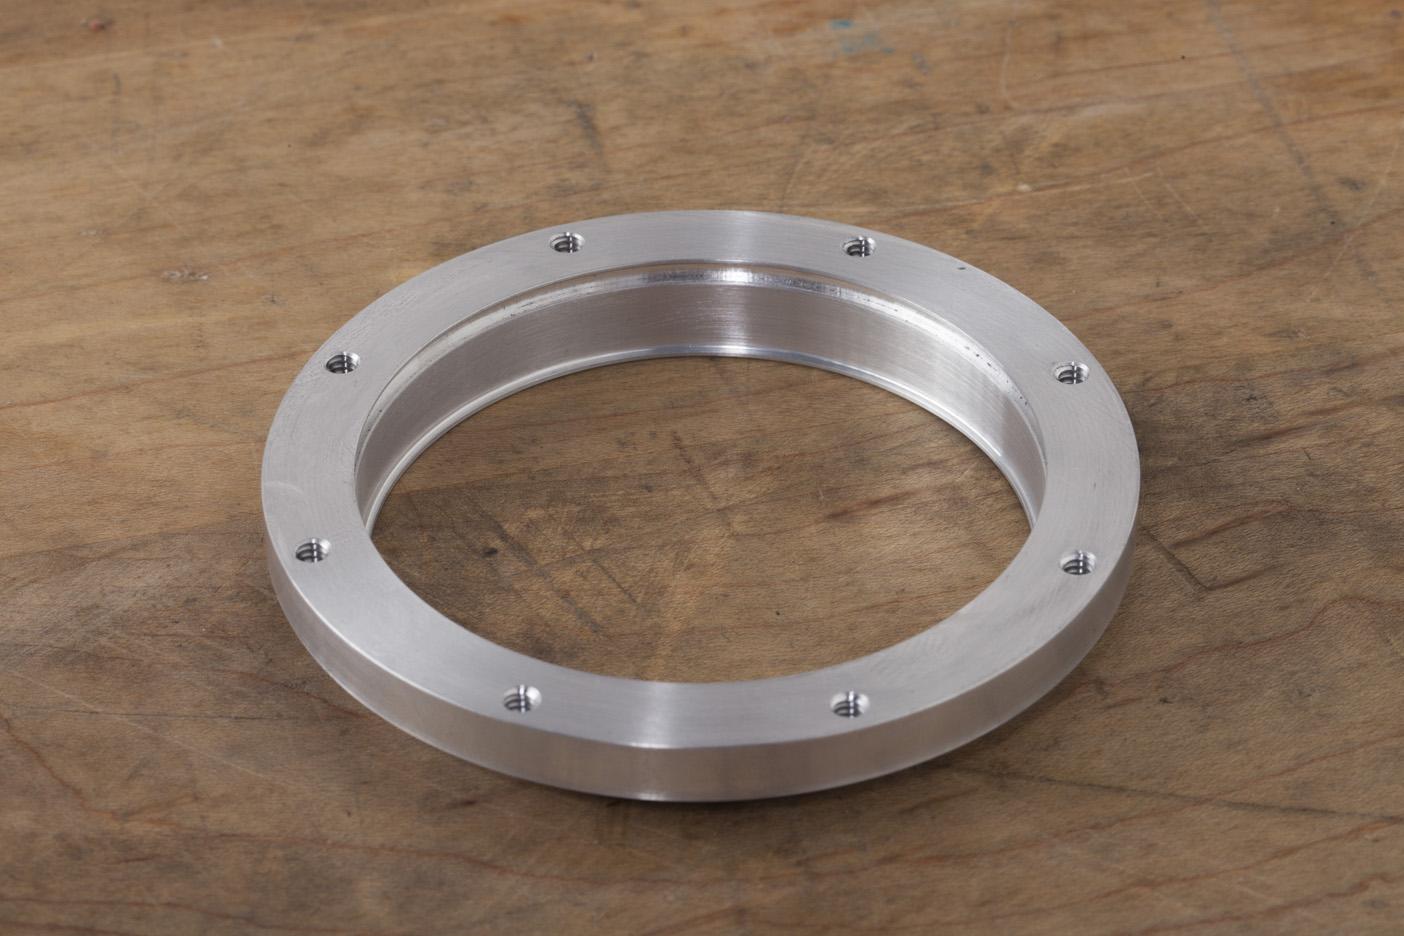 Automation Equipment & Automotive, 661 Aluminum, Okuma CNC Lathe, All done in one setup utilizing live tooling, mid-volume